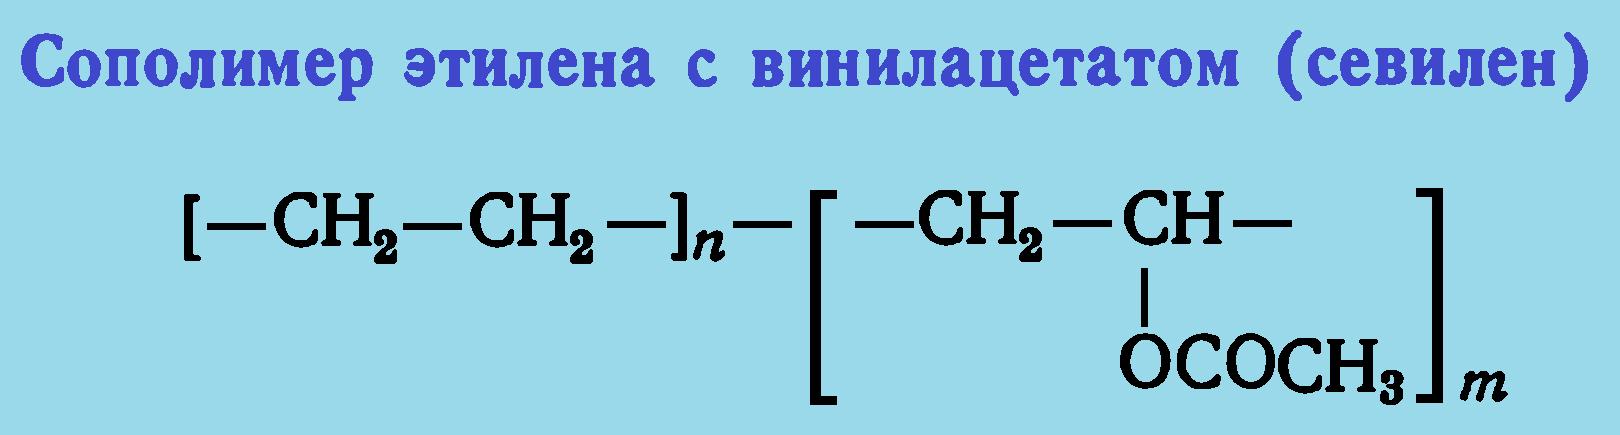 Сополимер этилена с винилацетатом (севилен)